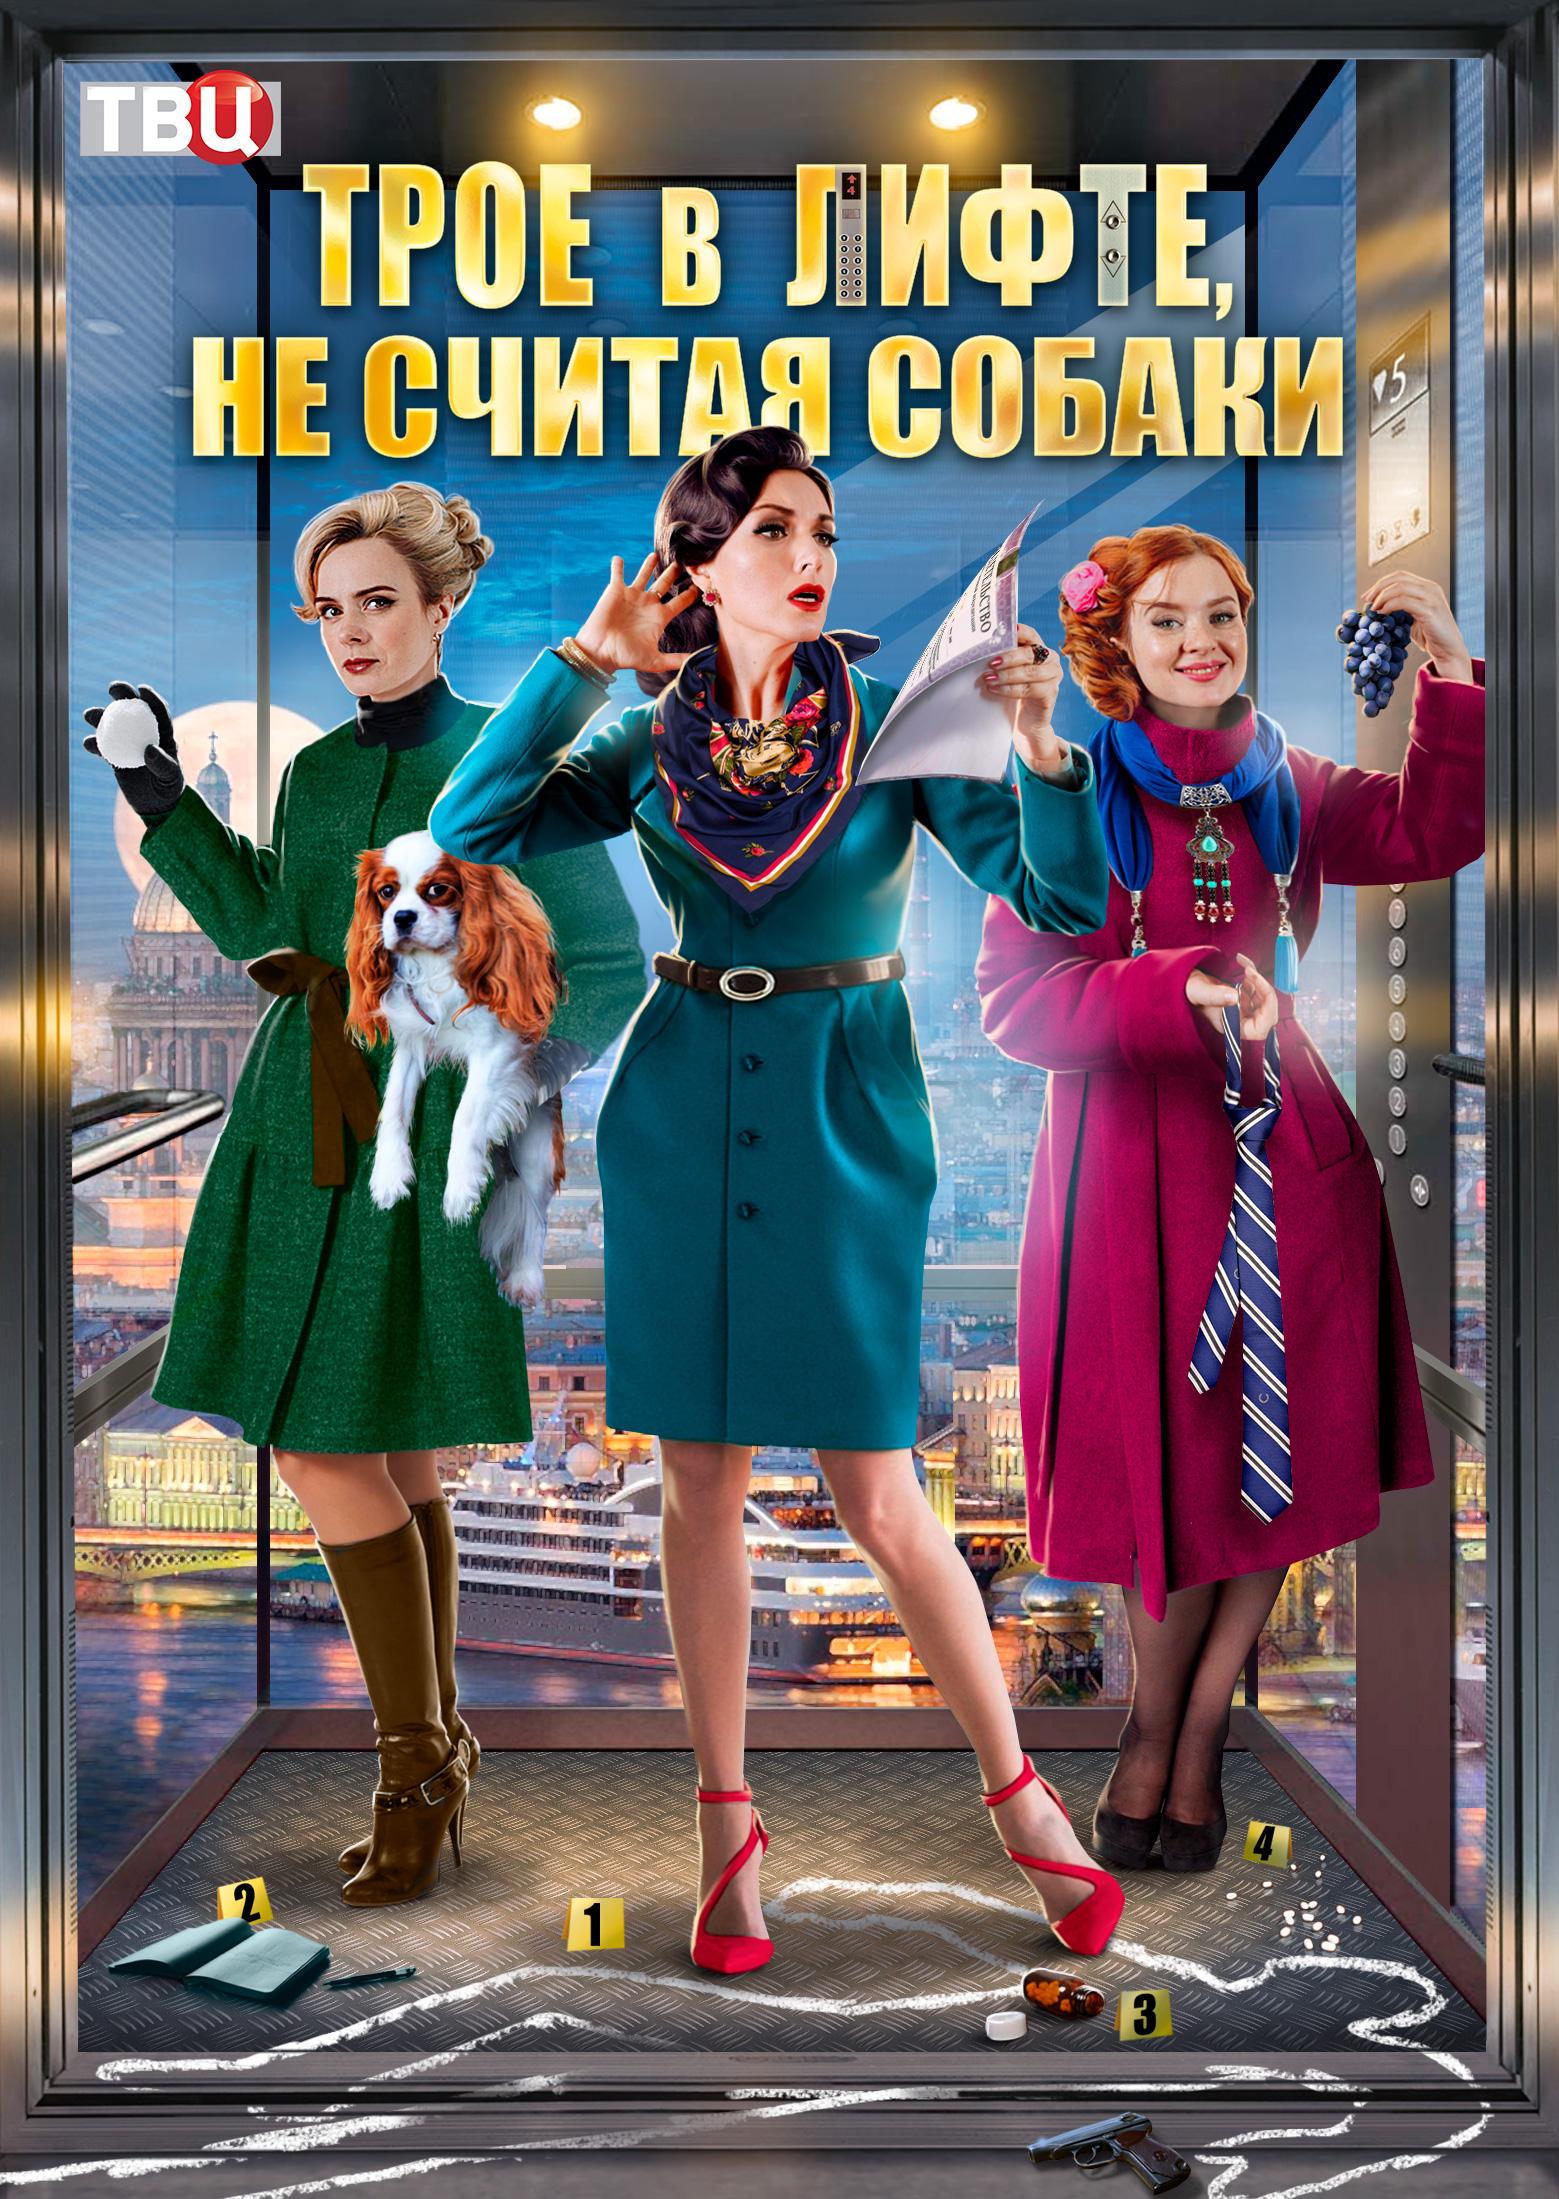 Смотреть фильм Трое в лифте, не считая собаки онлайн на Кинопод бесплатно